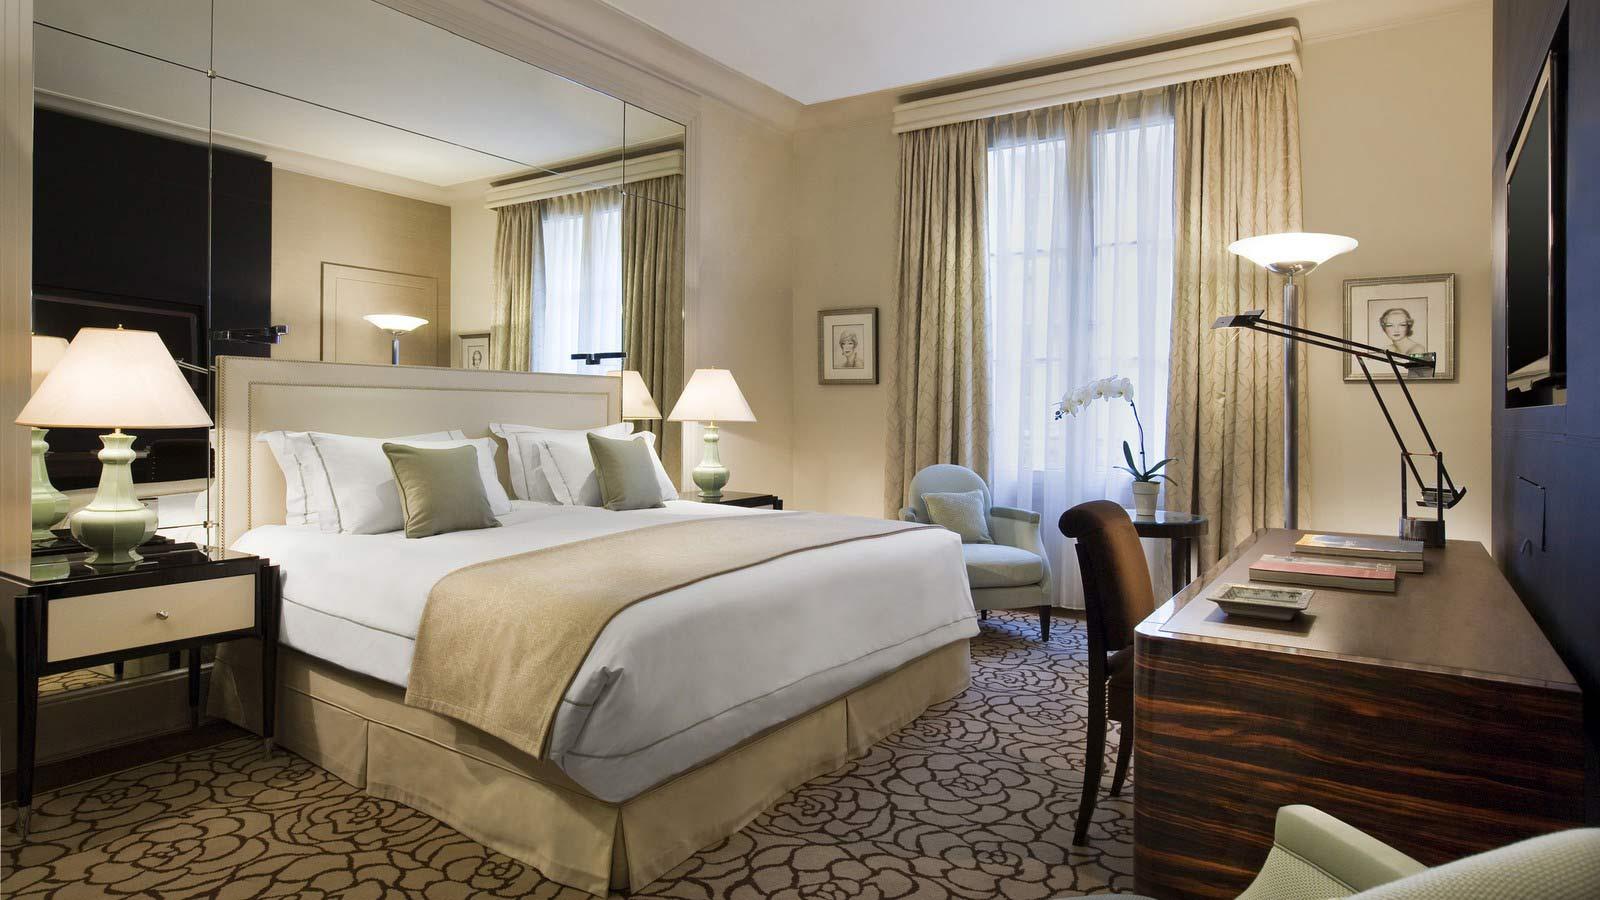 Prince de galles champs elys es sur h tel paris for Chambre de hotel france